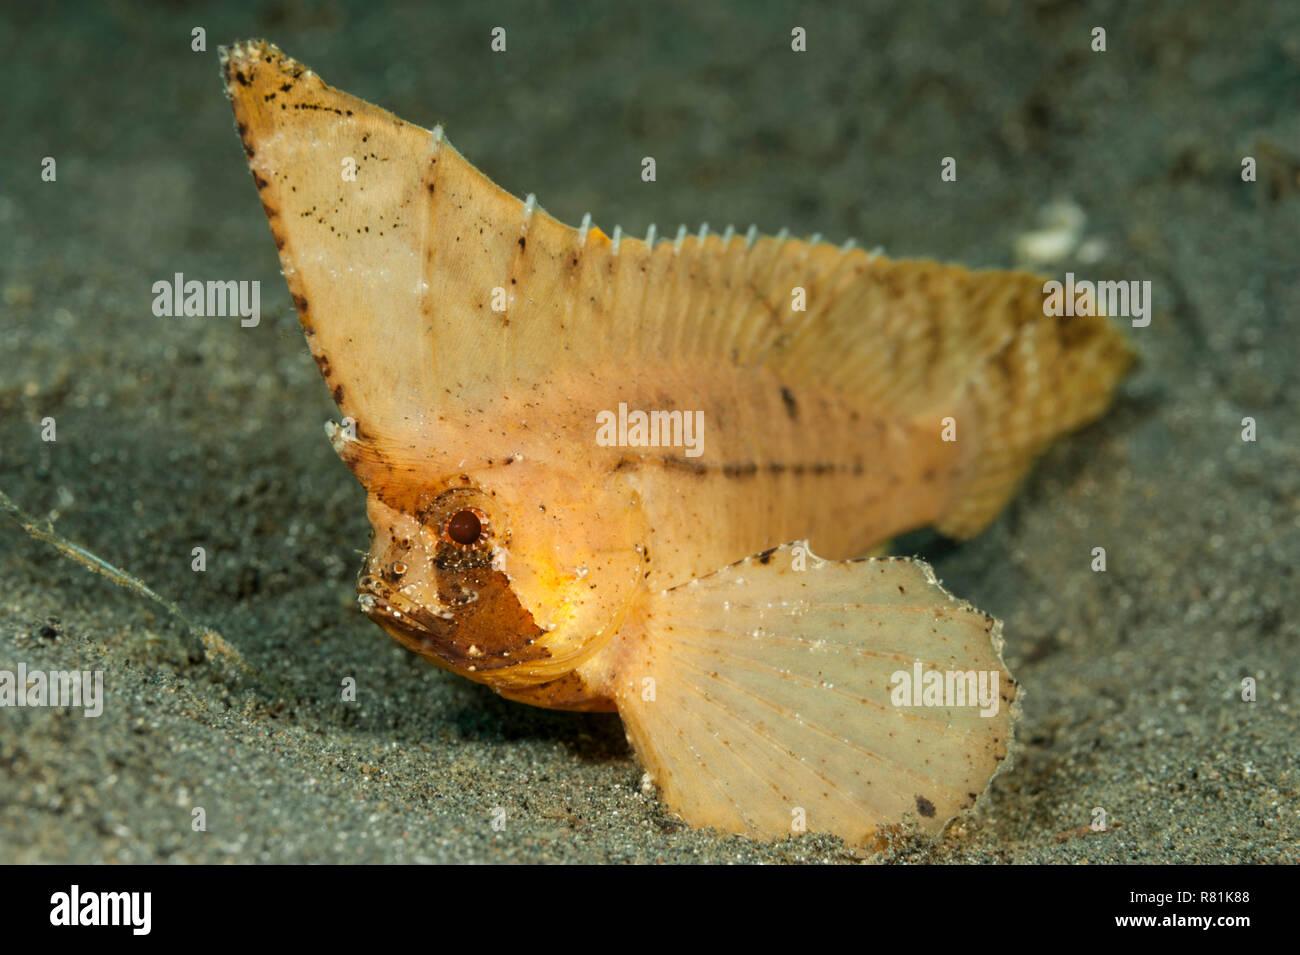 Spiny Waspfish, Spiny-leaf Fish (Ablabys macracanthus). Celebes Sea, Manado, Sulawesi, Indonesia - Stock Image